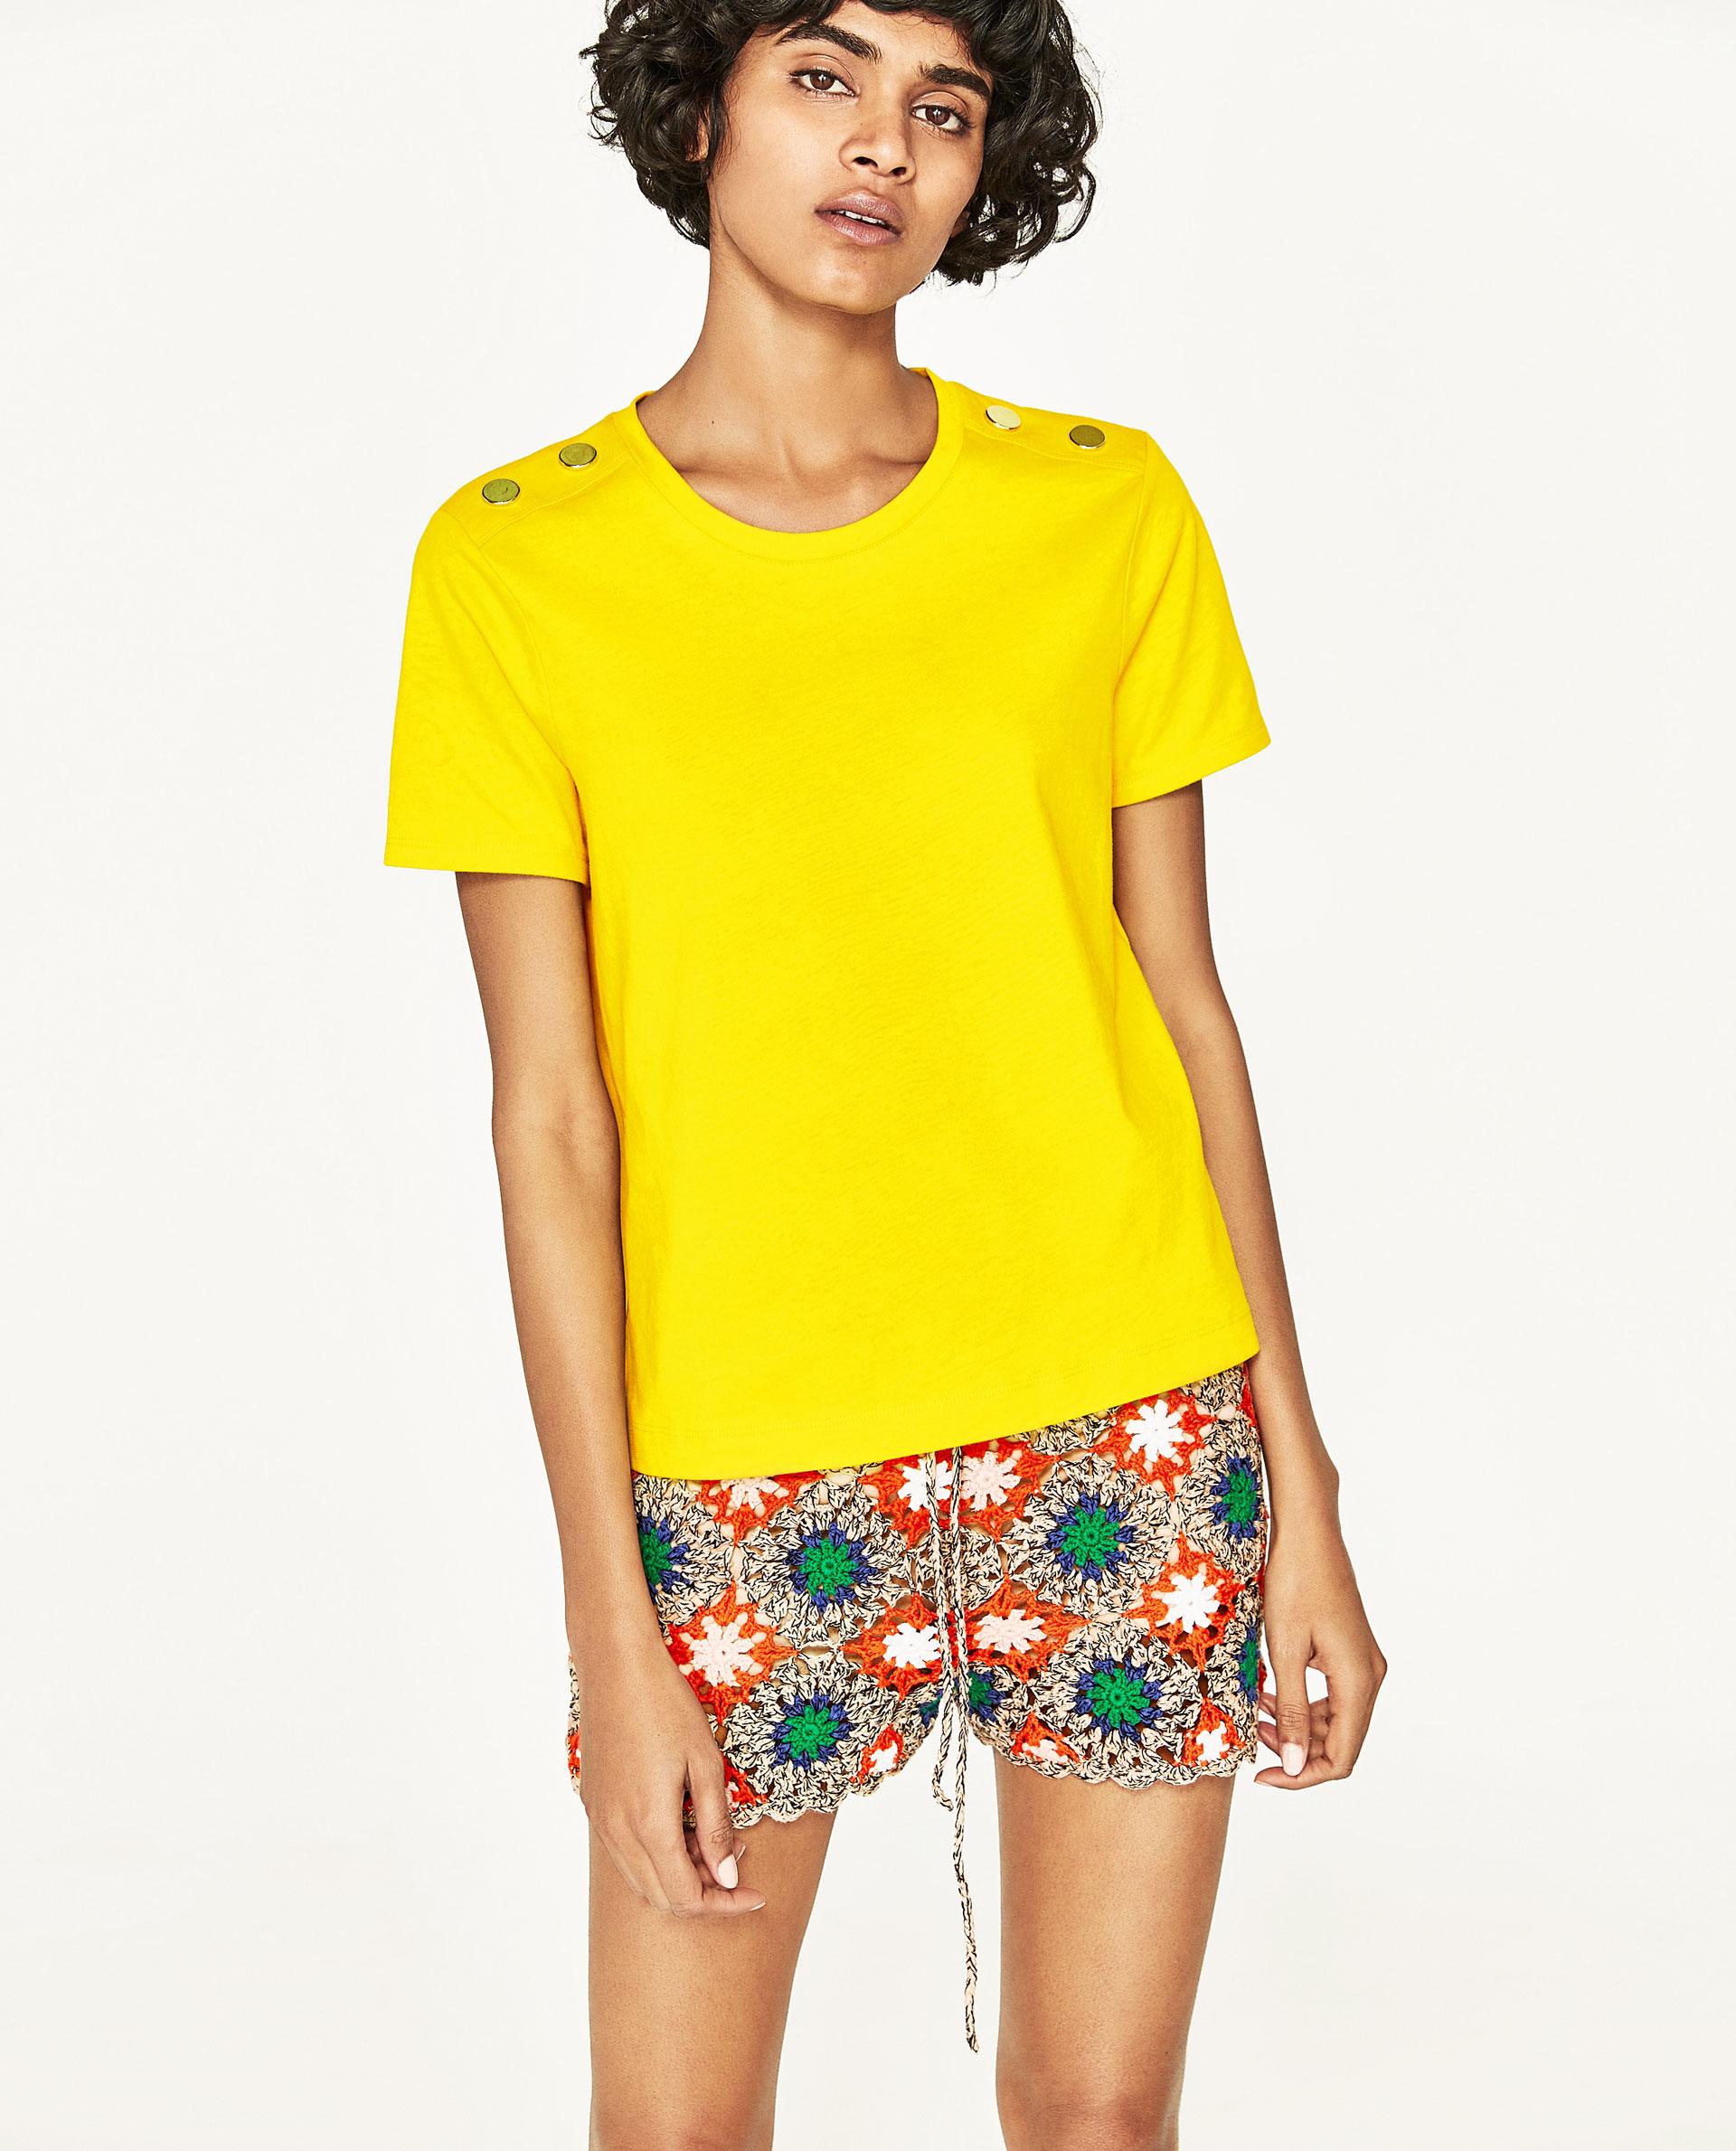 芸能人がヒルナンデス!で着用した衣装パンツ、Tシャツ